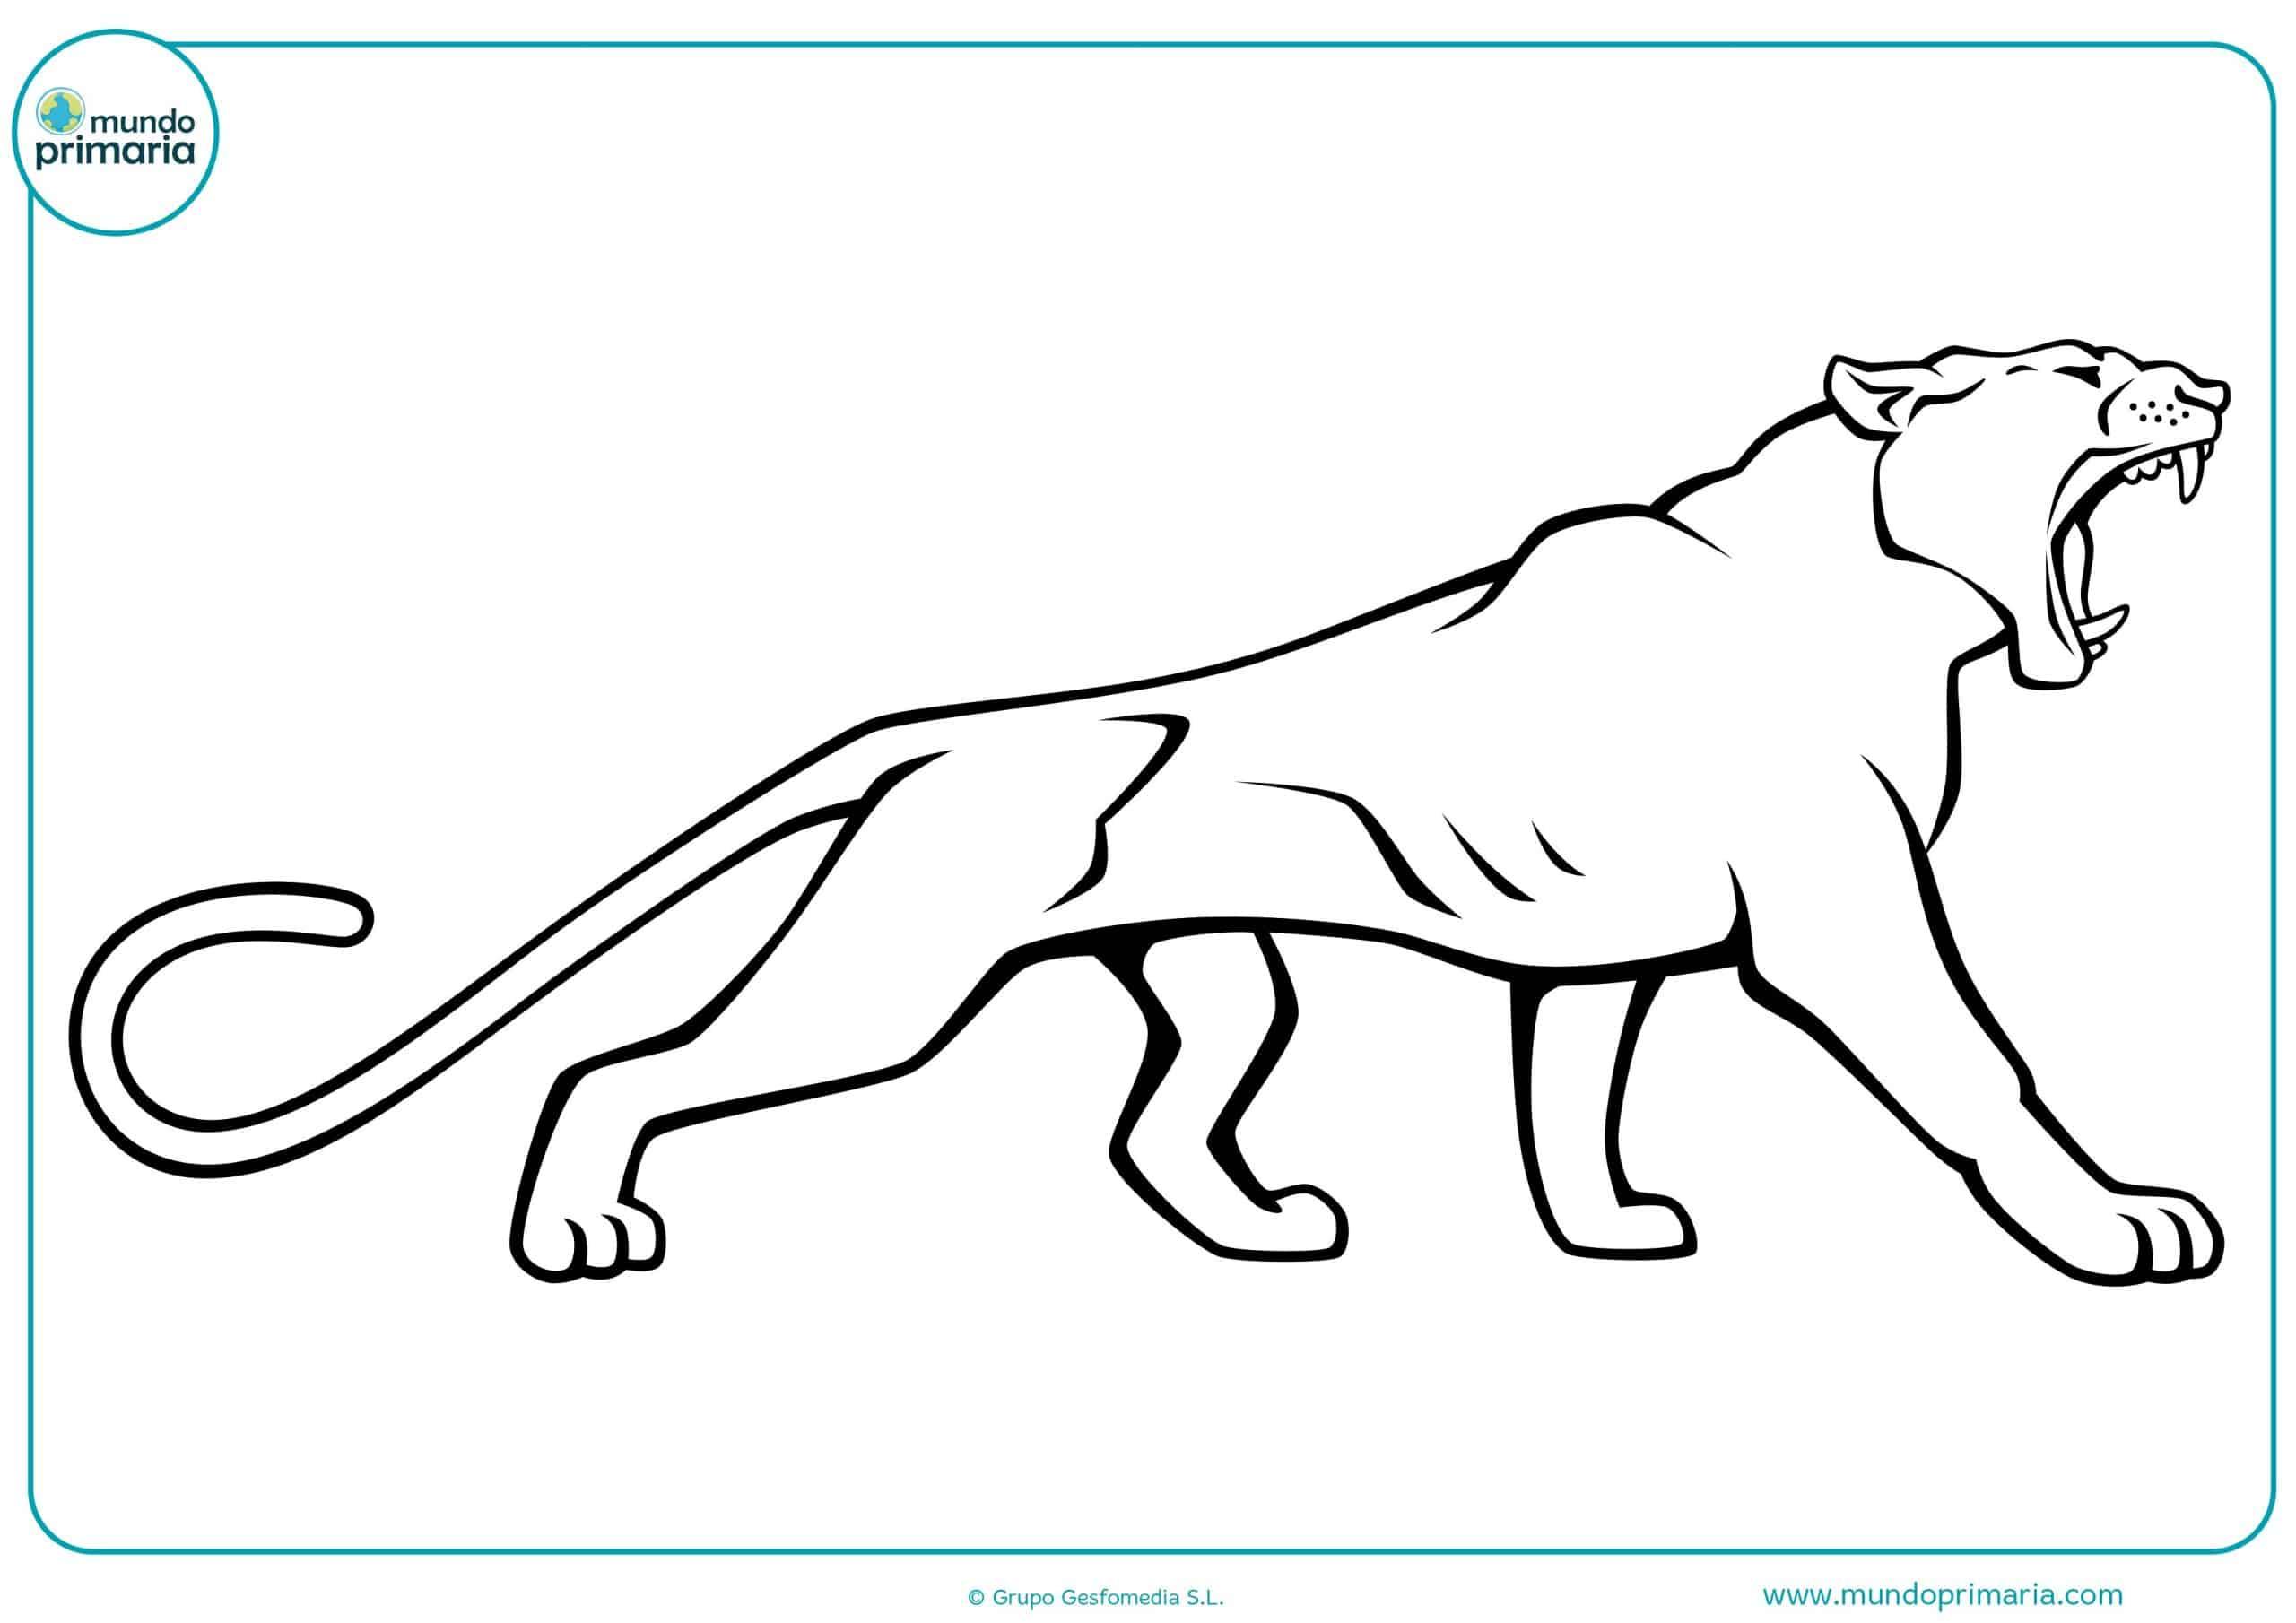 Dibujos Para Colorear De Animales Invertebrados Y Vertebrados: Fresco Imagenes Para Colorear De Animales Invertebrados